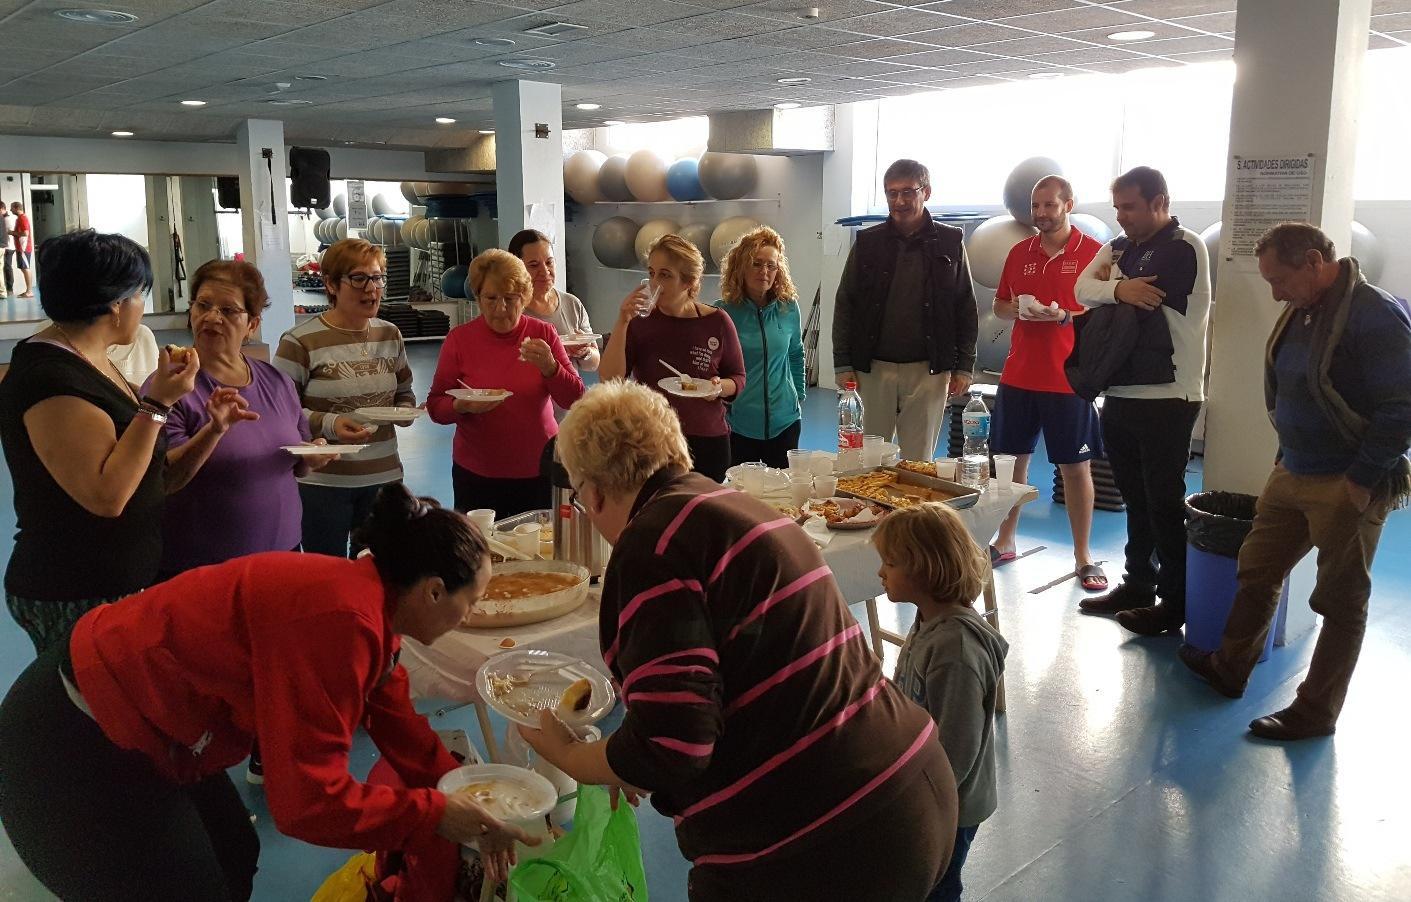 Manuel cort s participa en el desayuno navide o de la for Piscina municipal almeria